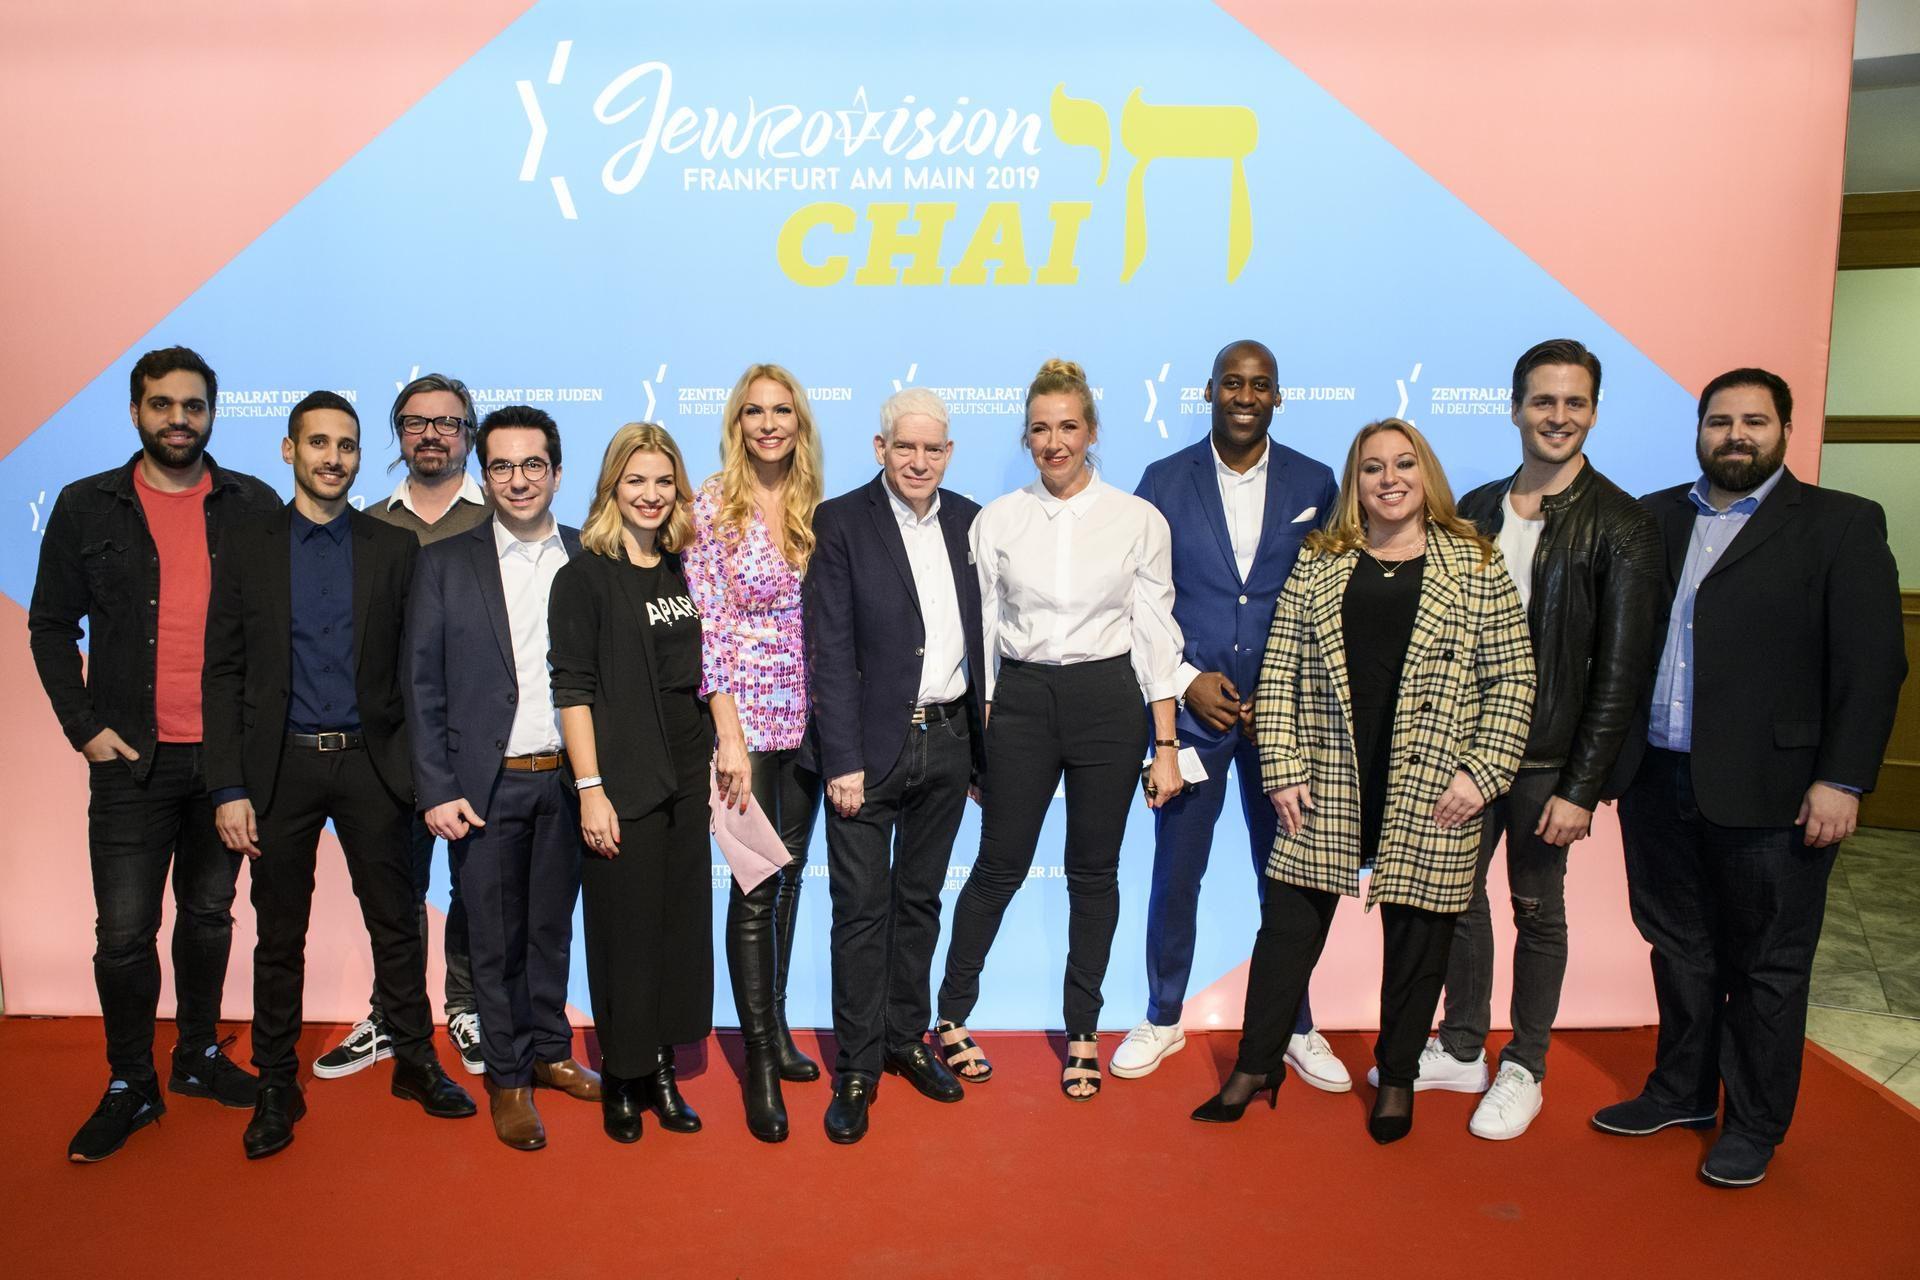 Jury, Jewrovision 2019 in der Festhalle Frankfurt am Main am 2.2.2019